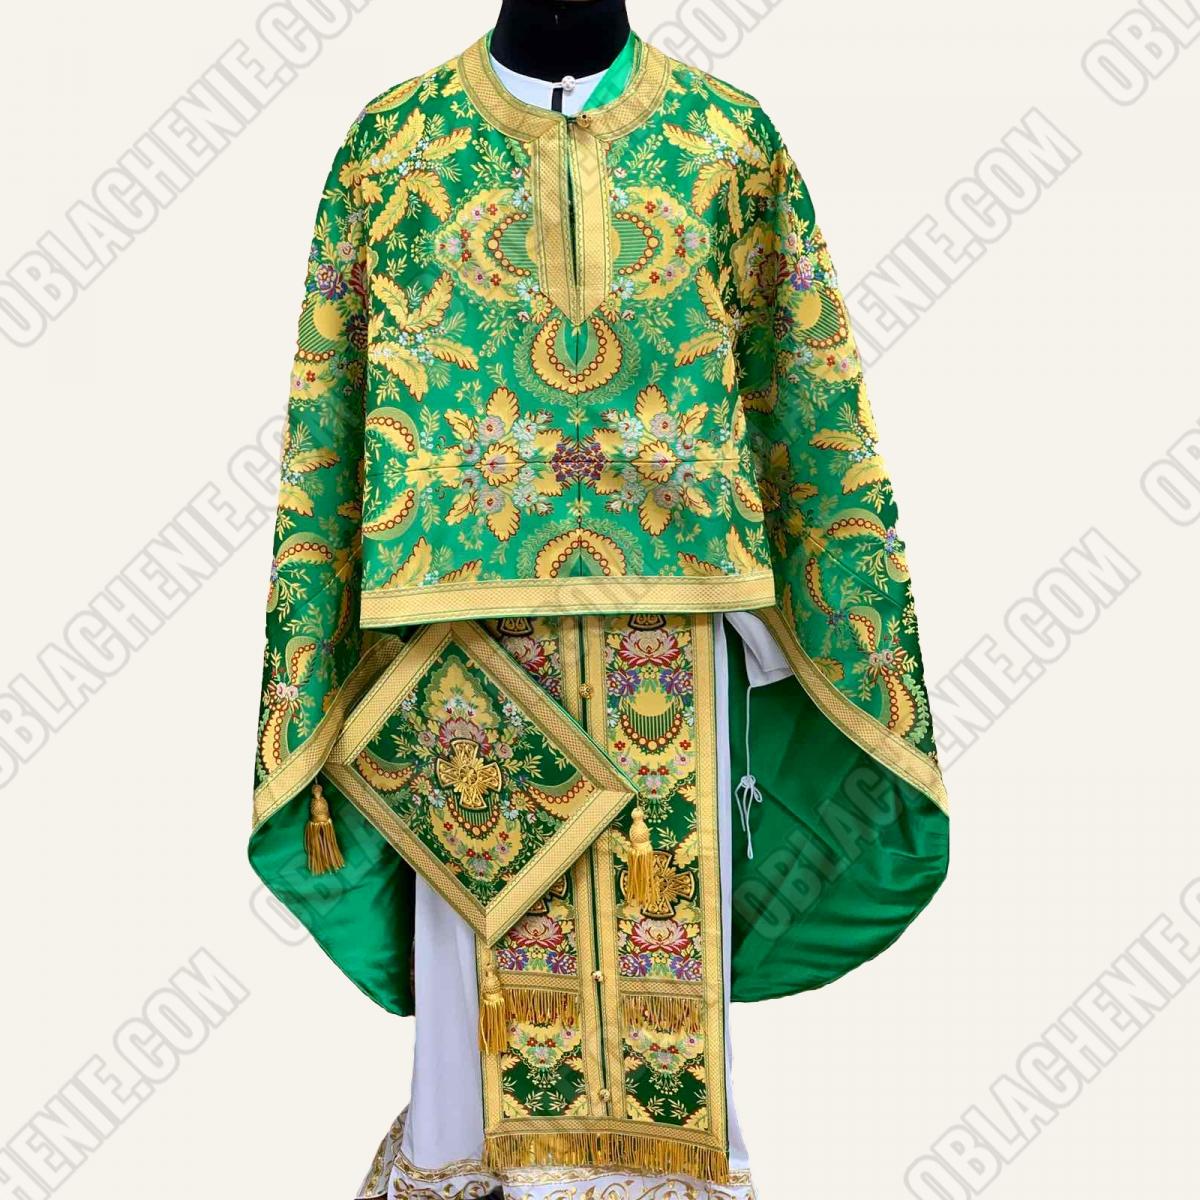 PRIEST'S VESTMENTS 11247